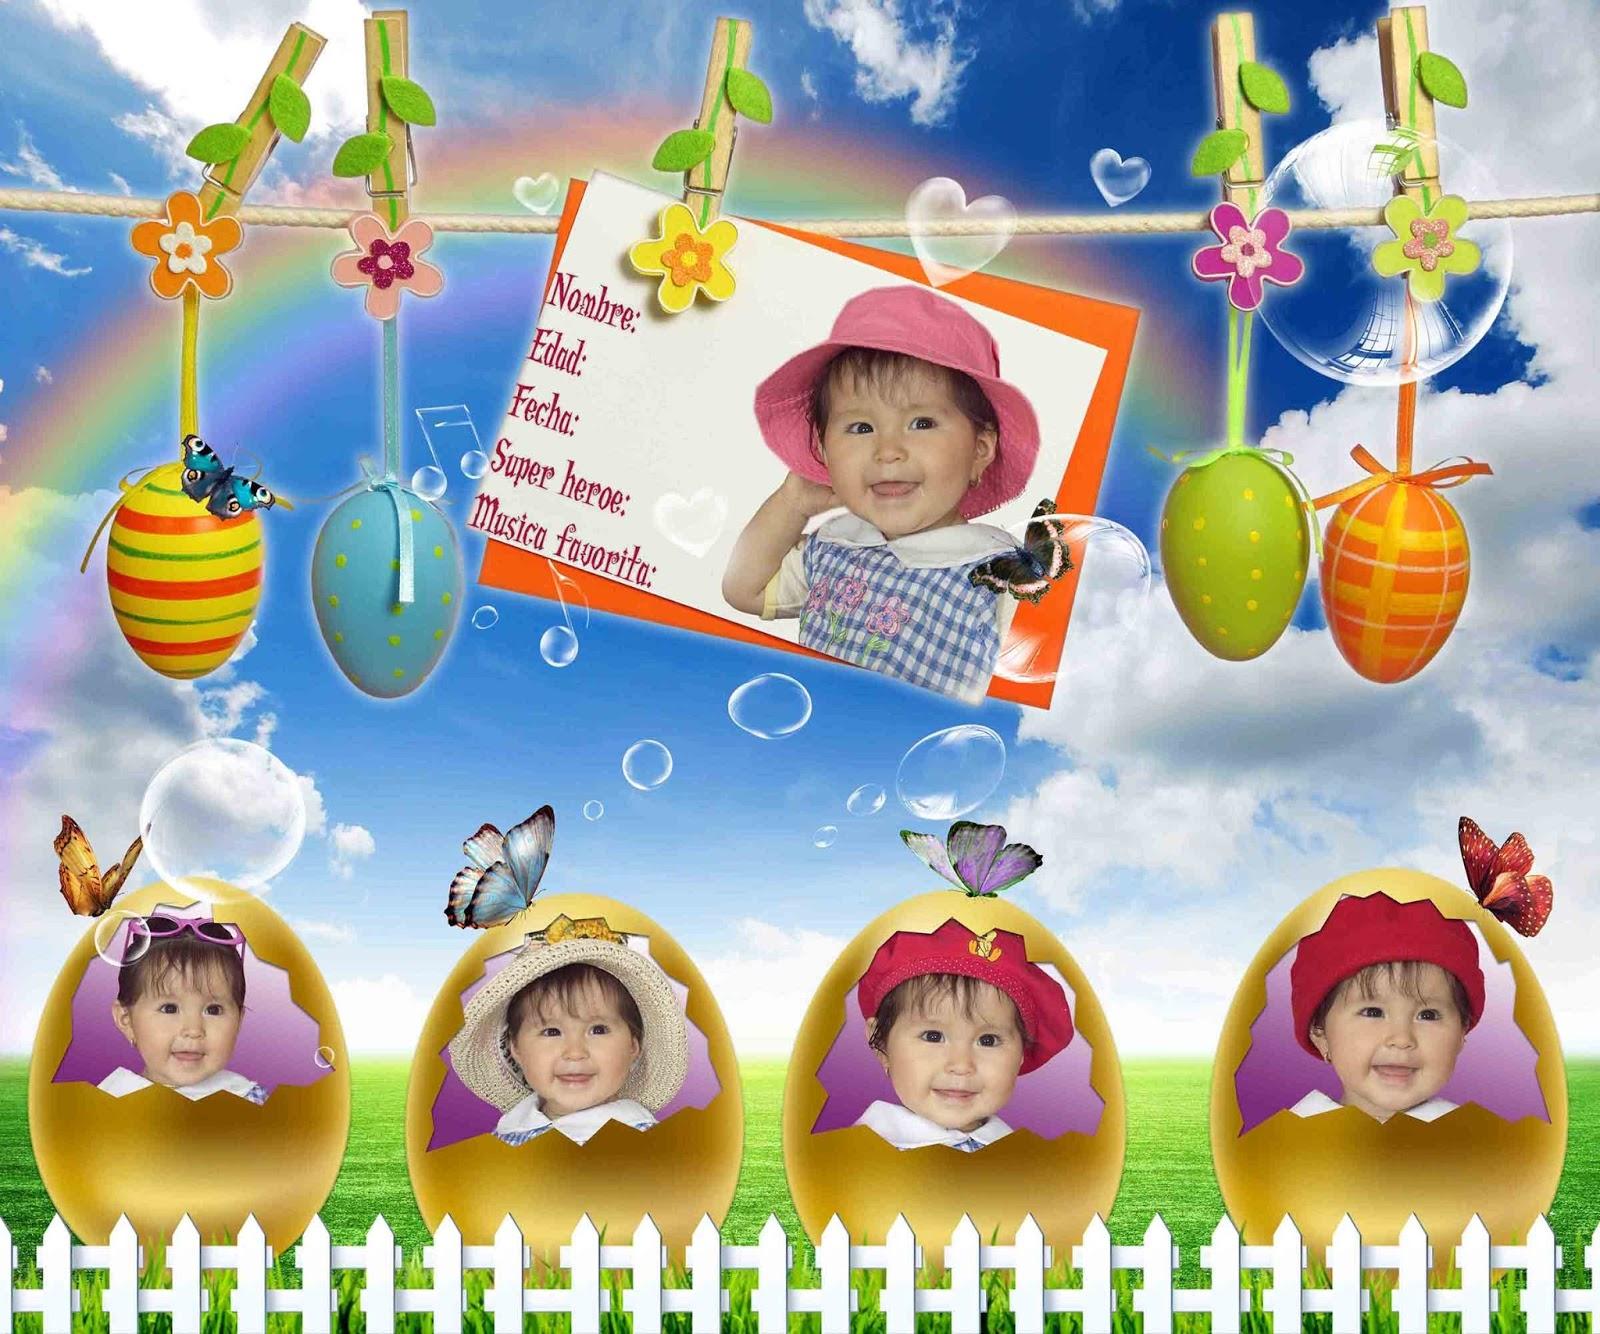 Caritas de niña en Pascuas - Plantillas para Photoshop 2014